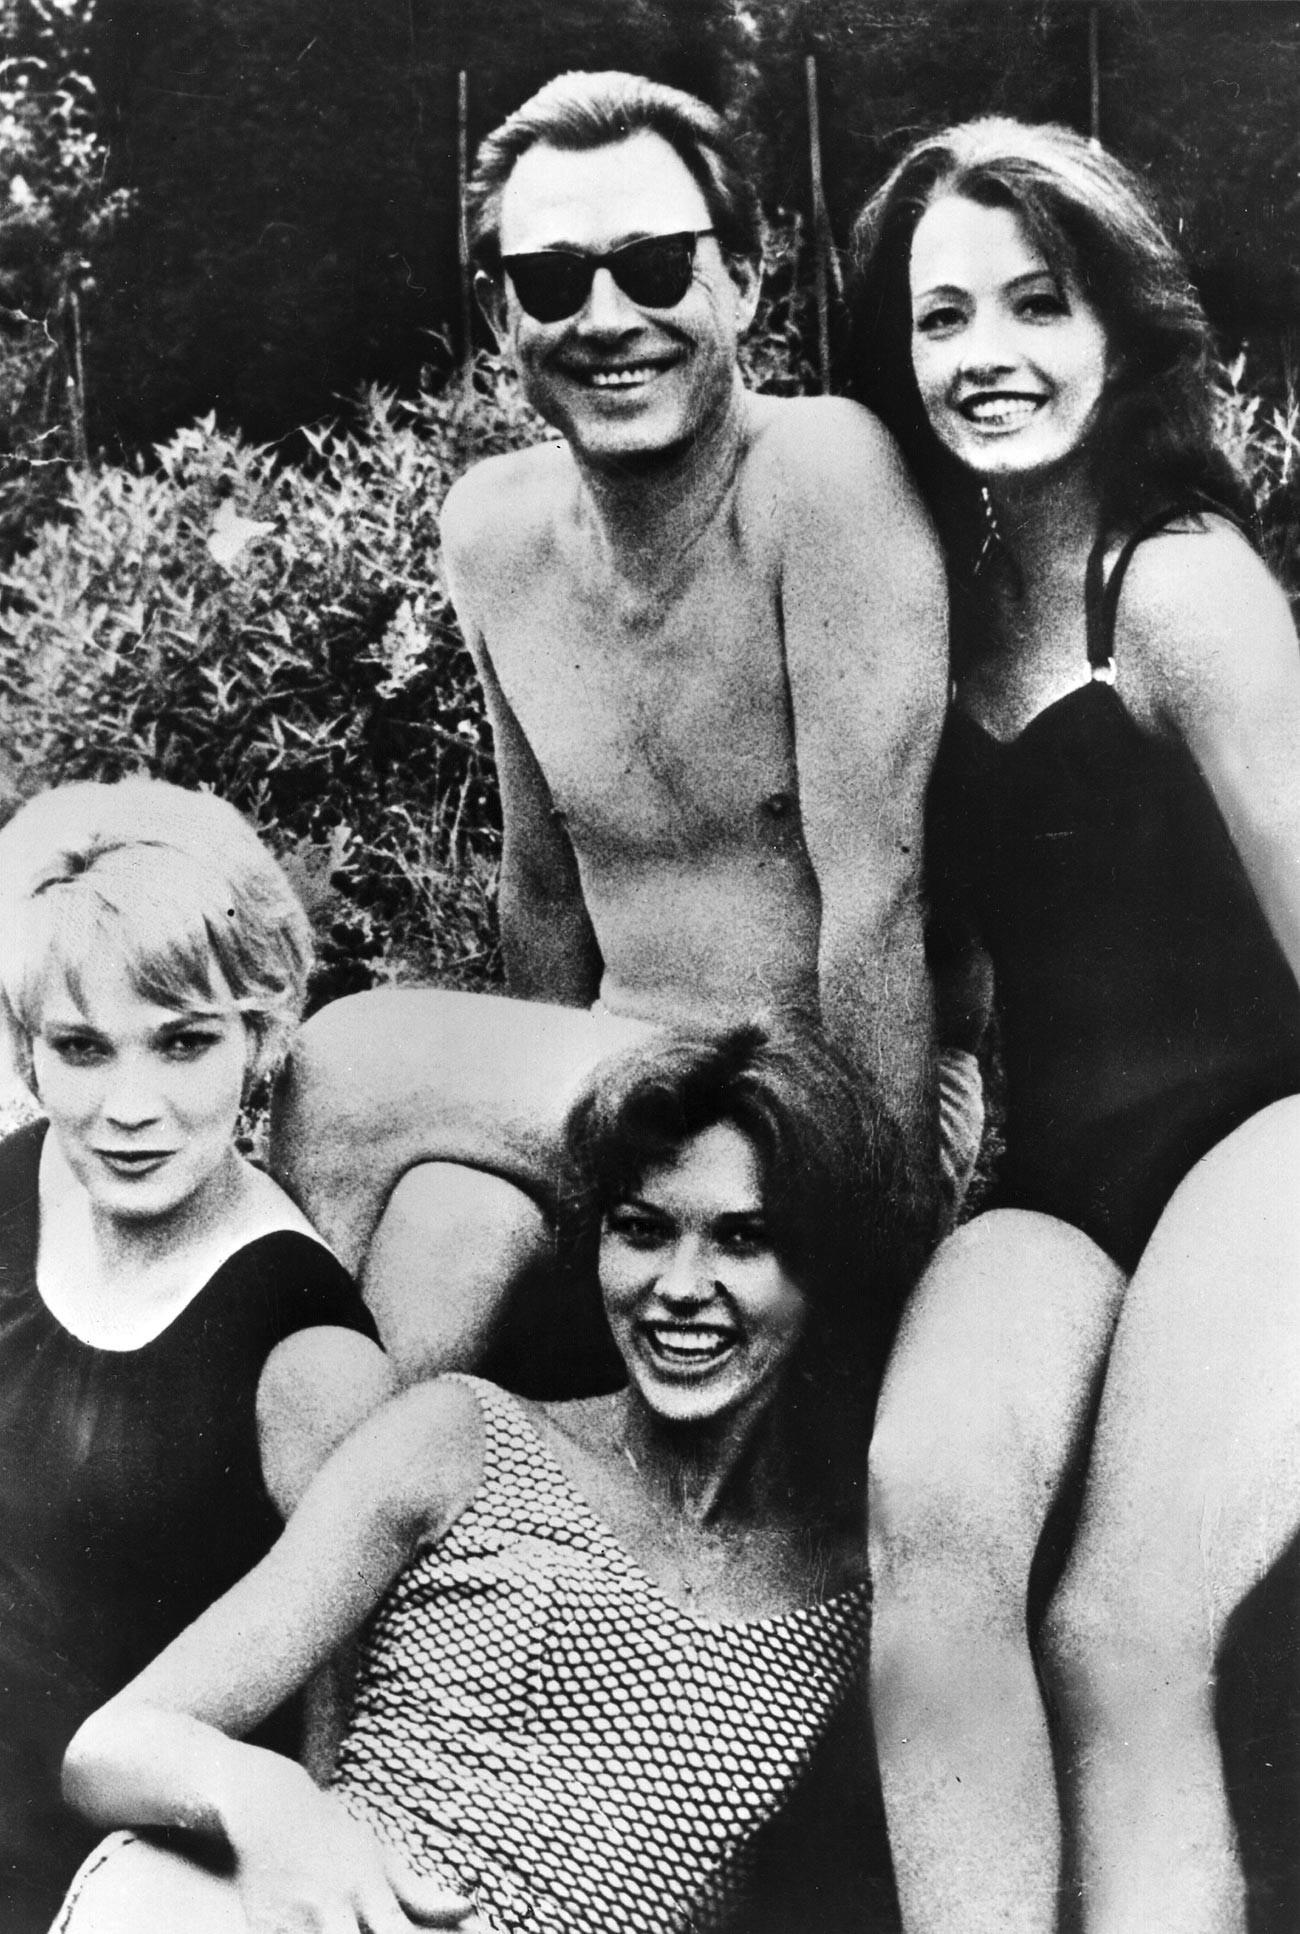 L'osteopata Stephen Ward in posa con alcune modelle. Alla sua destra, la showgirl Christine Keeler; sotto, Sally Joan Norie